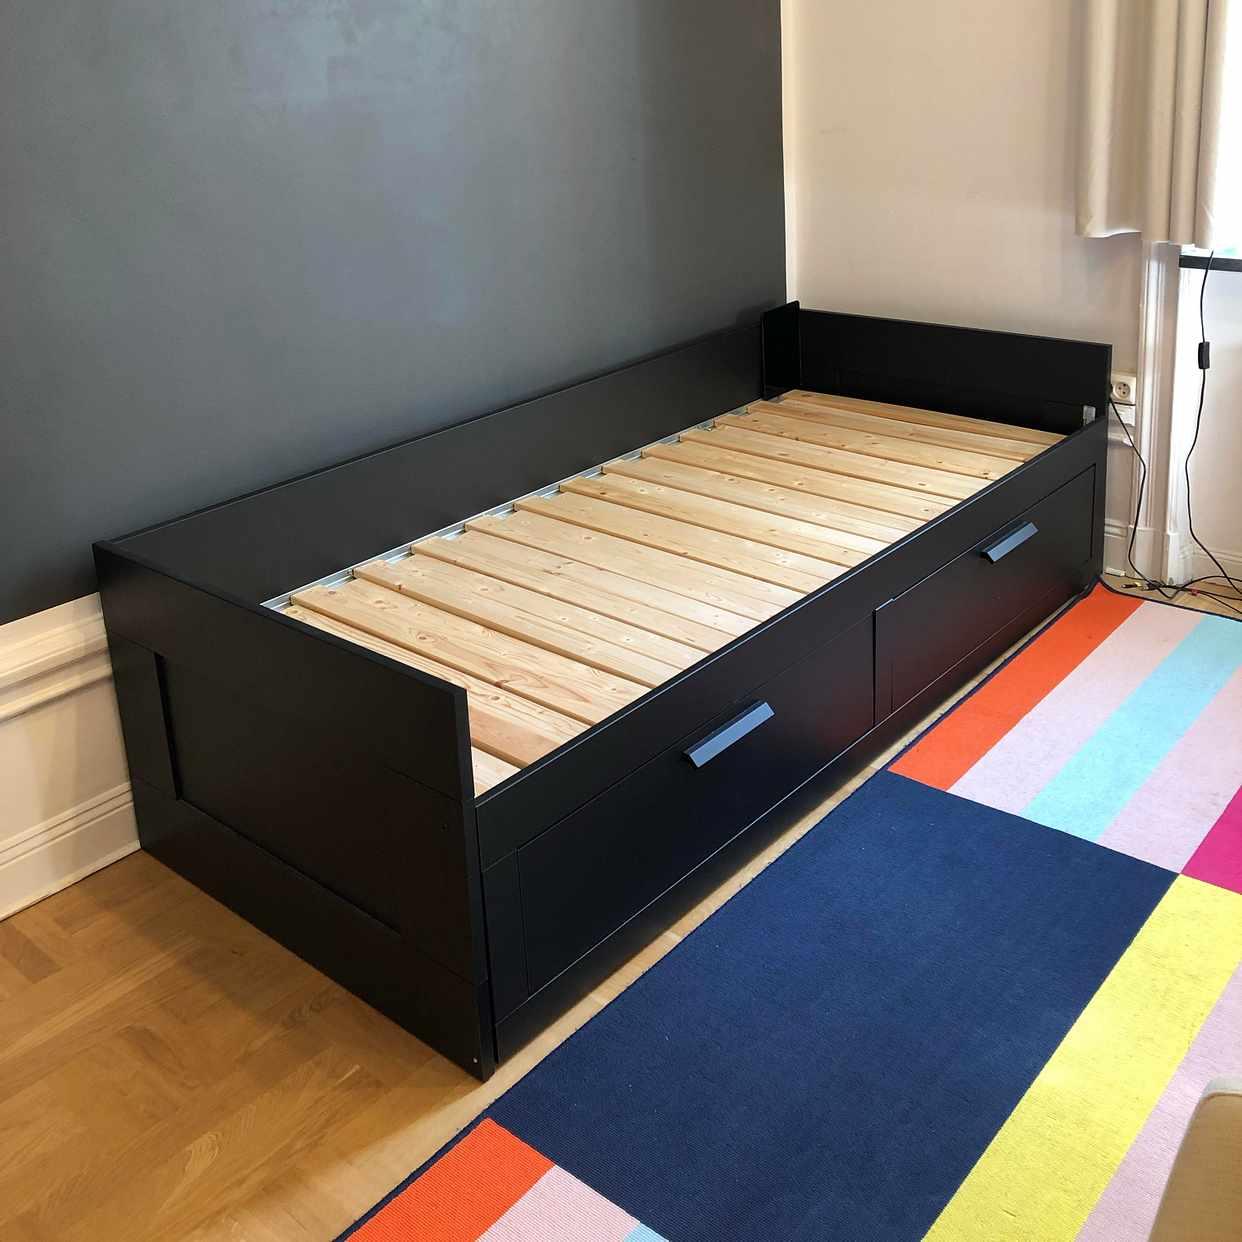 image of Ikea säng - Stockholm